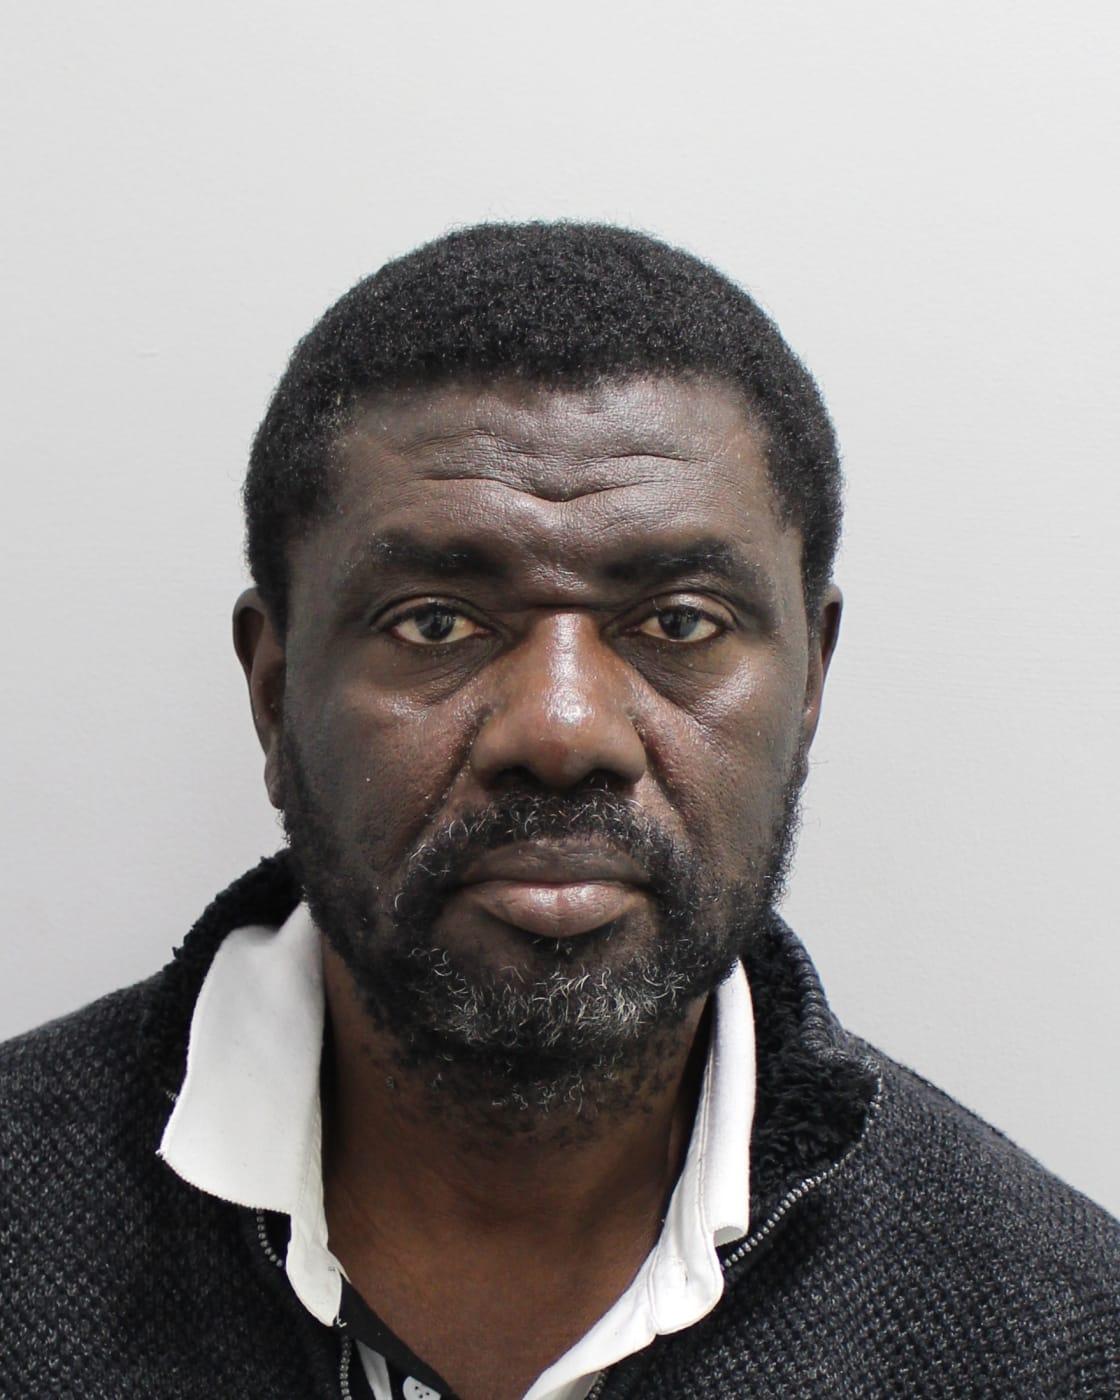 Adeyinka Oluwseyi Ajose- jailed in UK for serial rape of 13 year-old girl